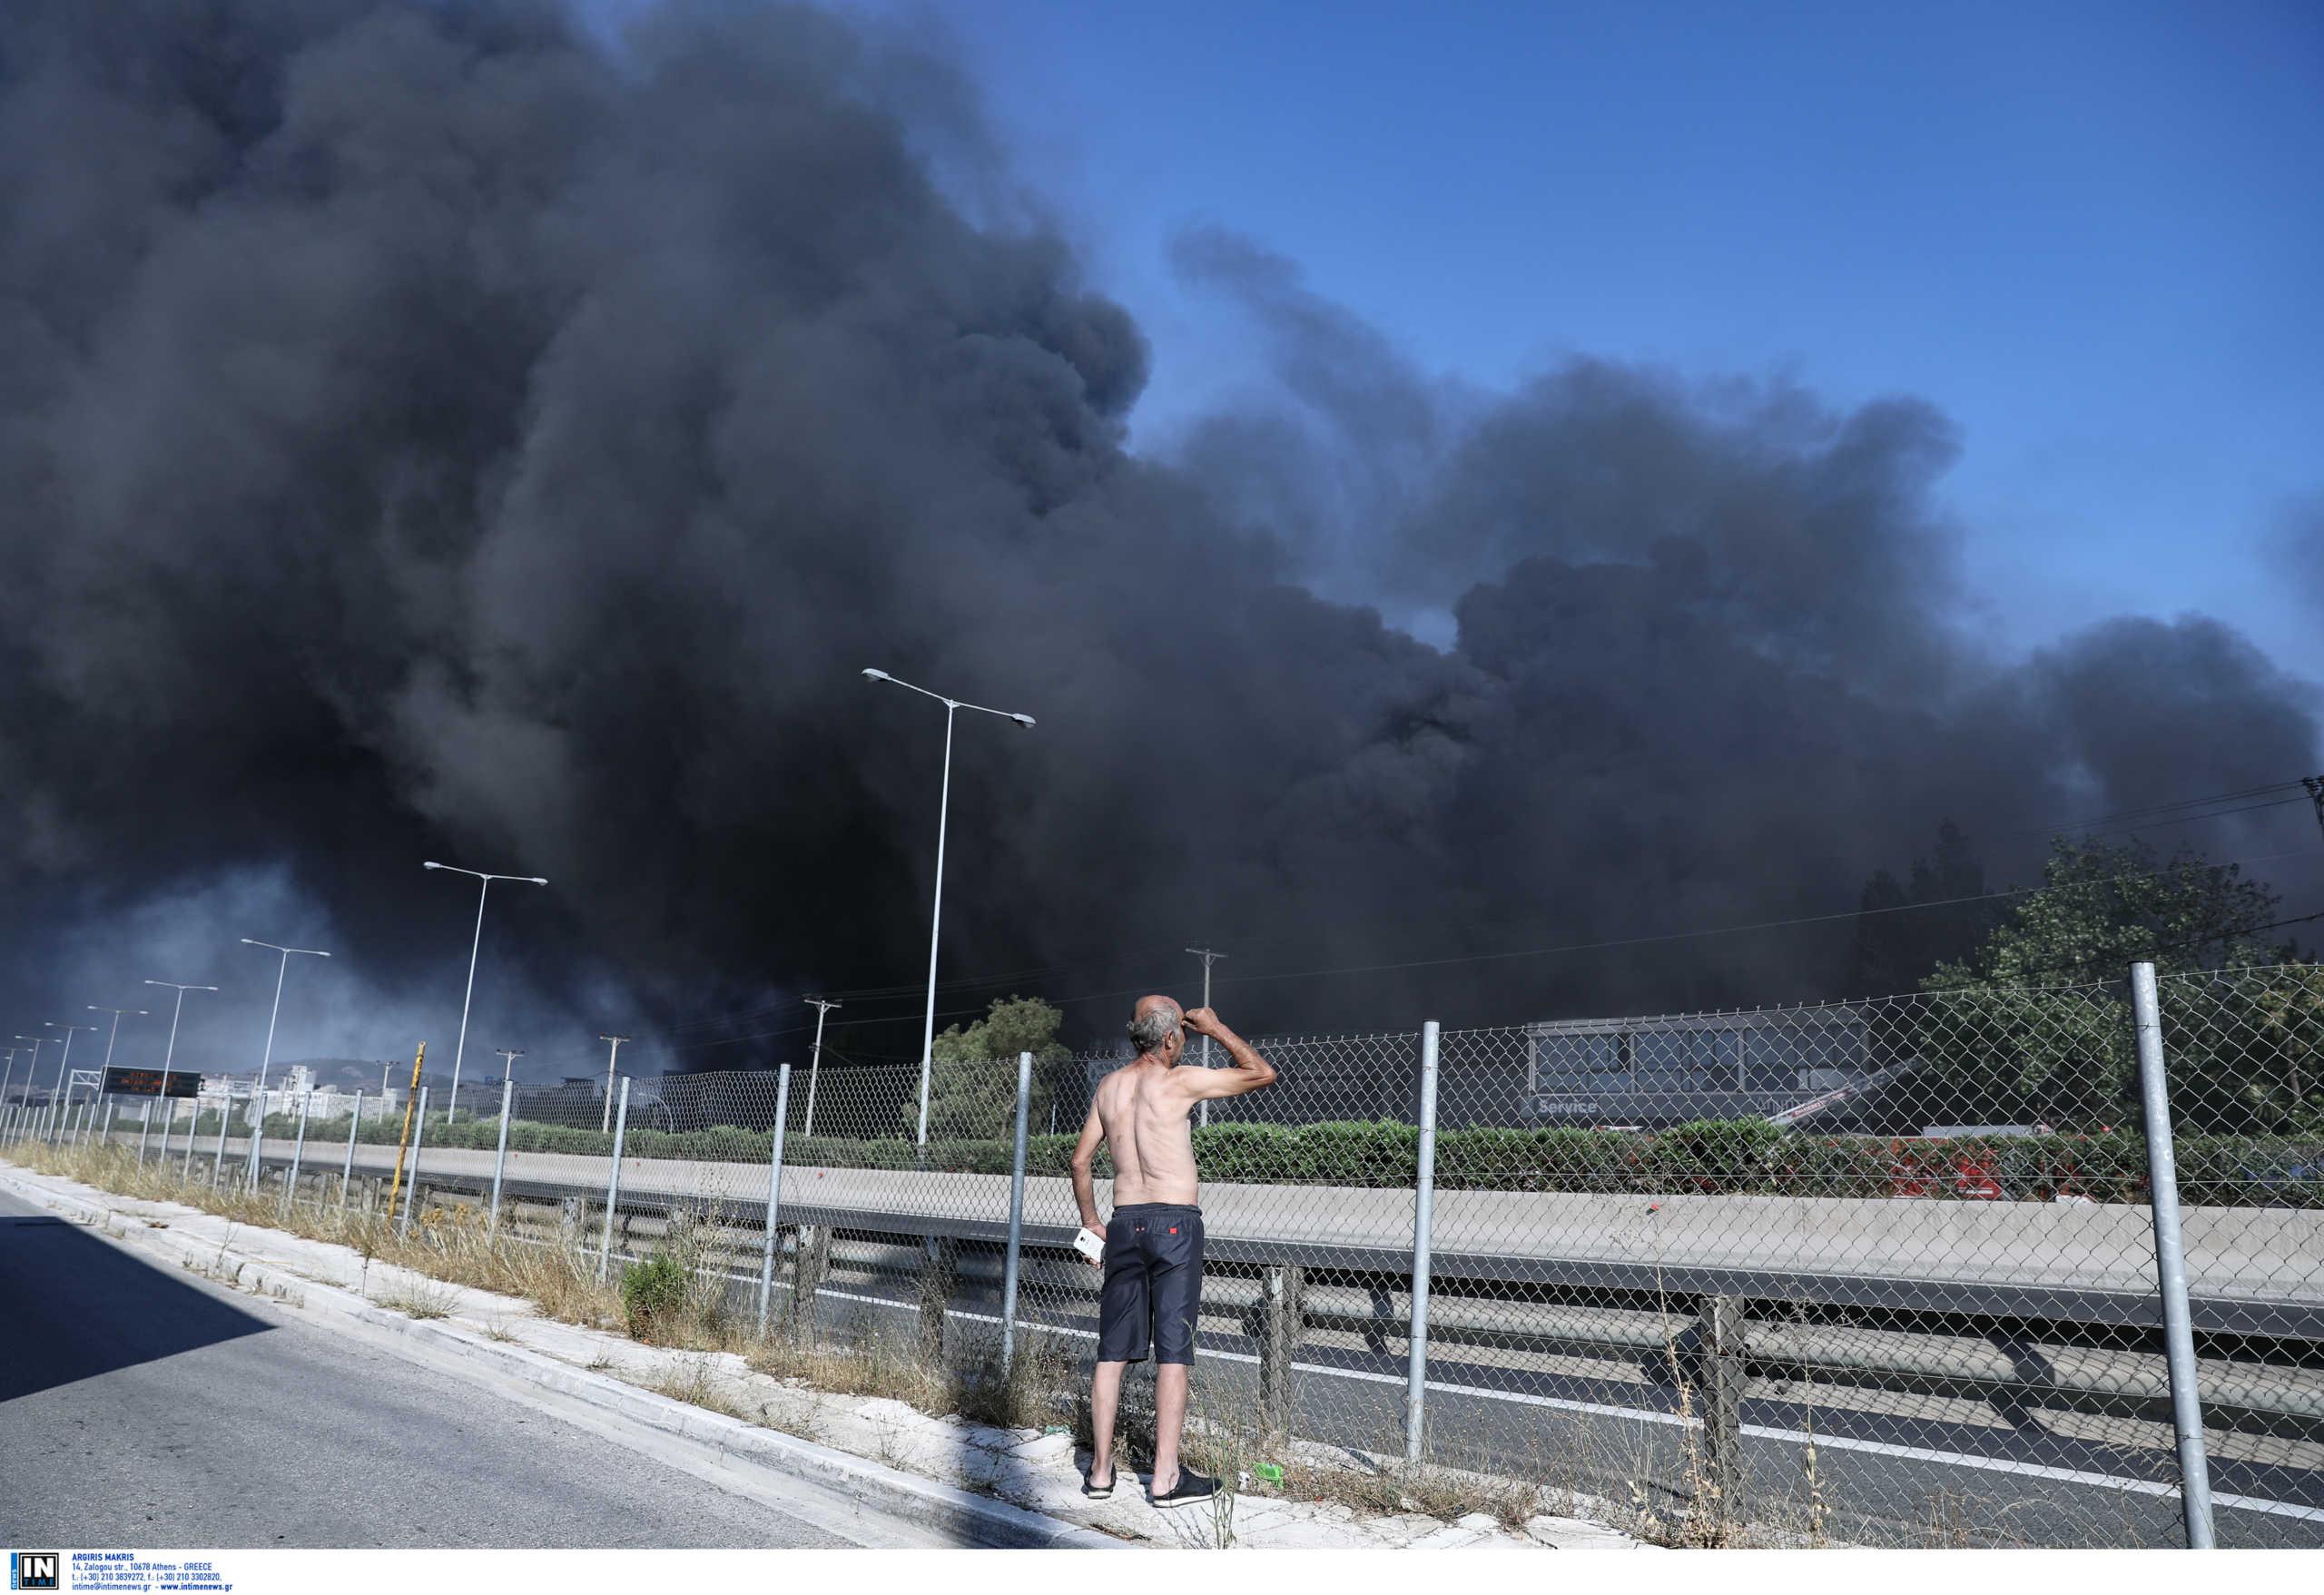 Δημιουργείται Παρατηρητήριο Ατμοσφαιρικής Ρύπανσης της Αττικής – Τι έδειξαν οι μετρήσεις μετά τη χθεσινή φωτιά